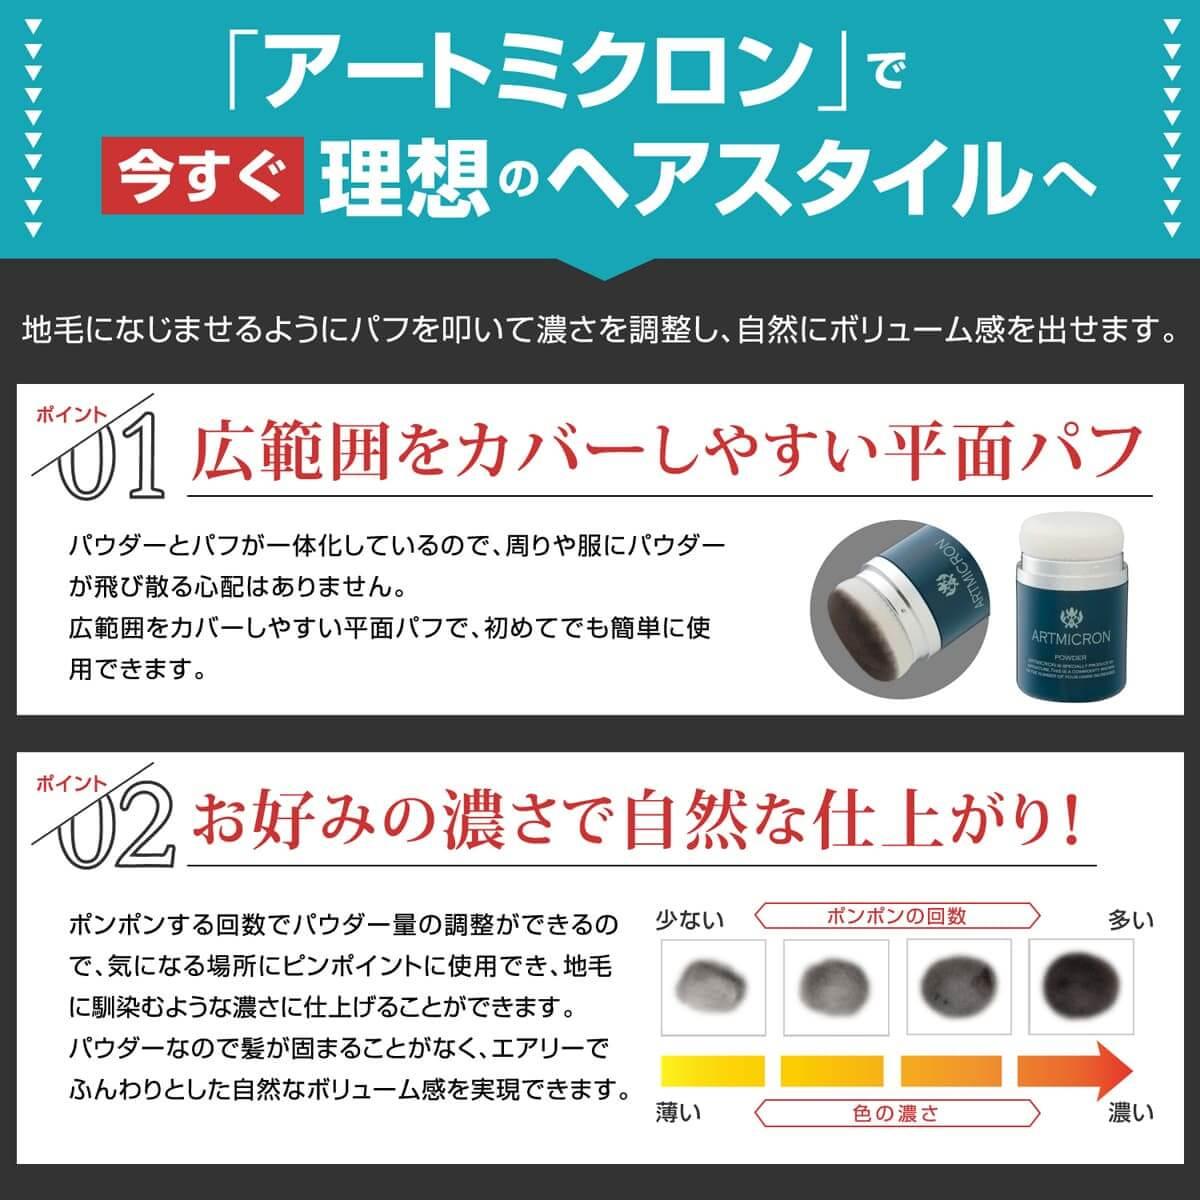 アートミクロン パウダー(20g) &スプレー(180mL)セット 【2セットまとめ買い】